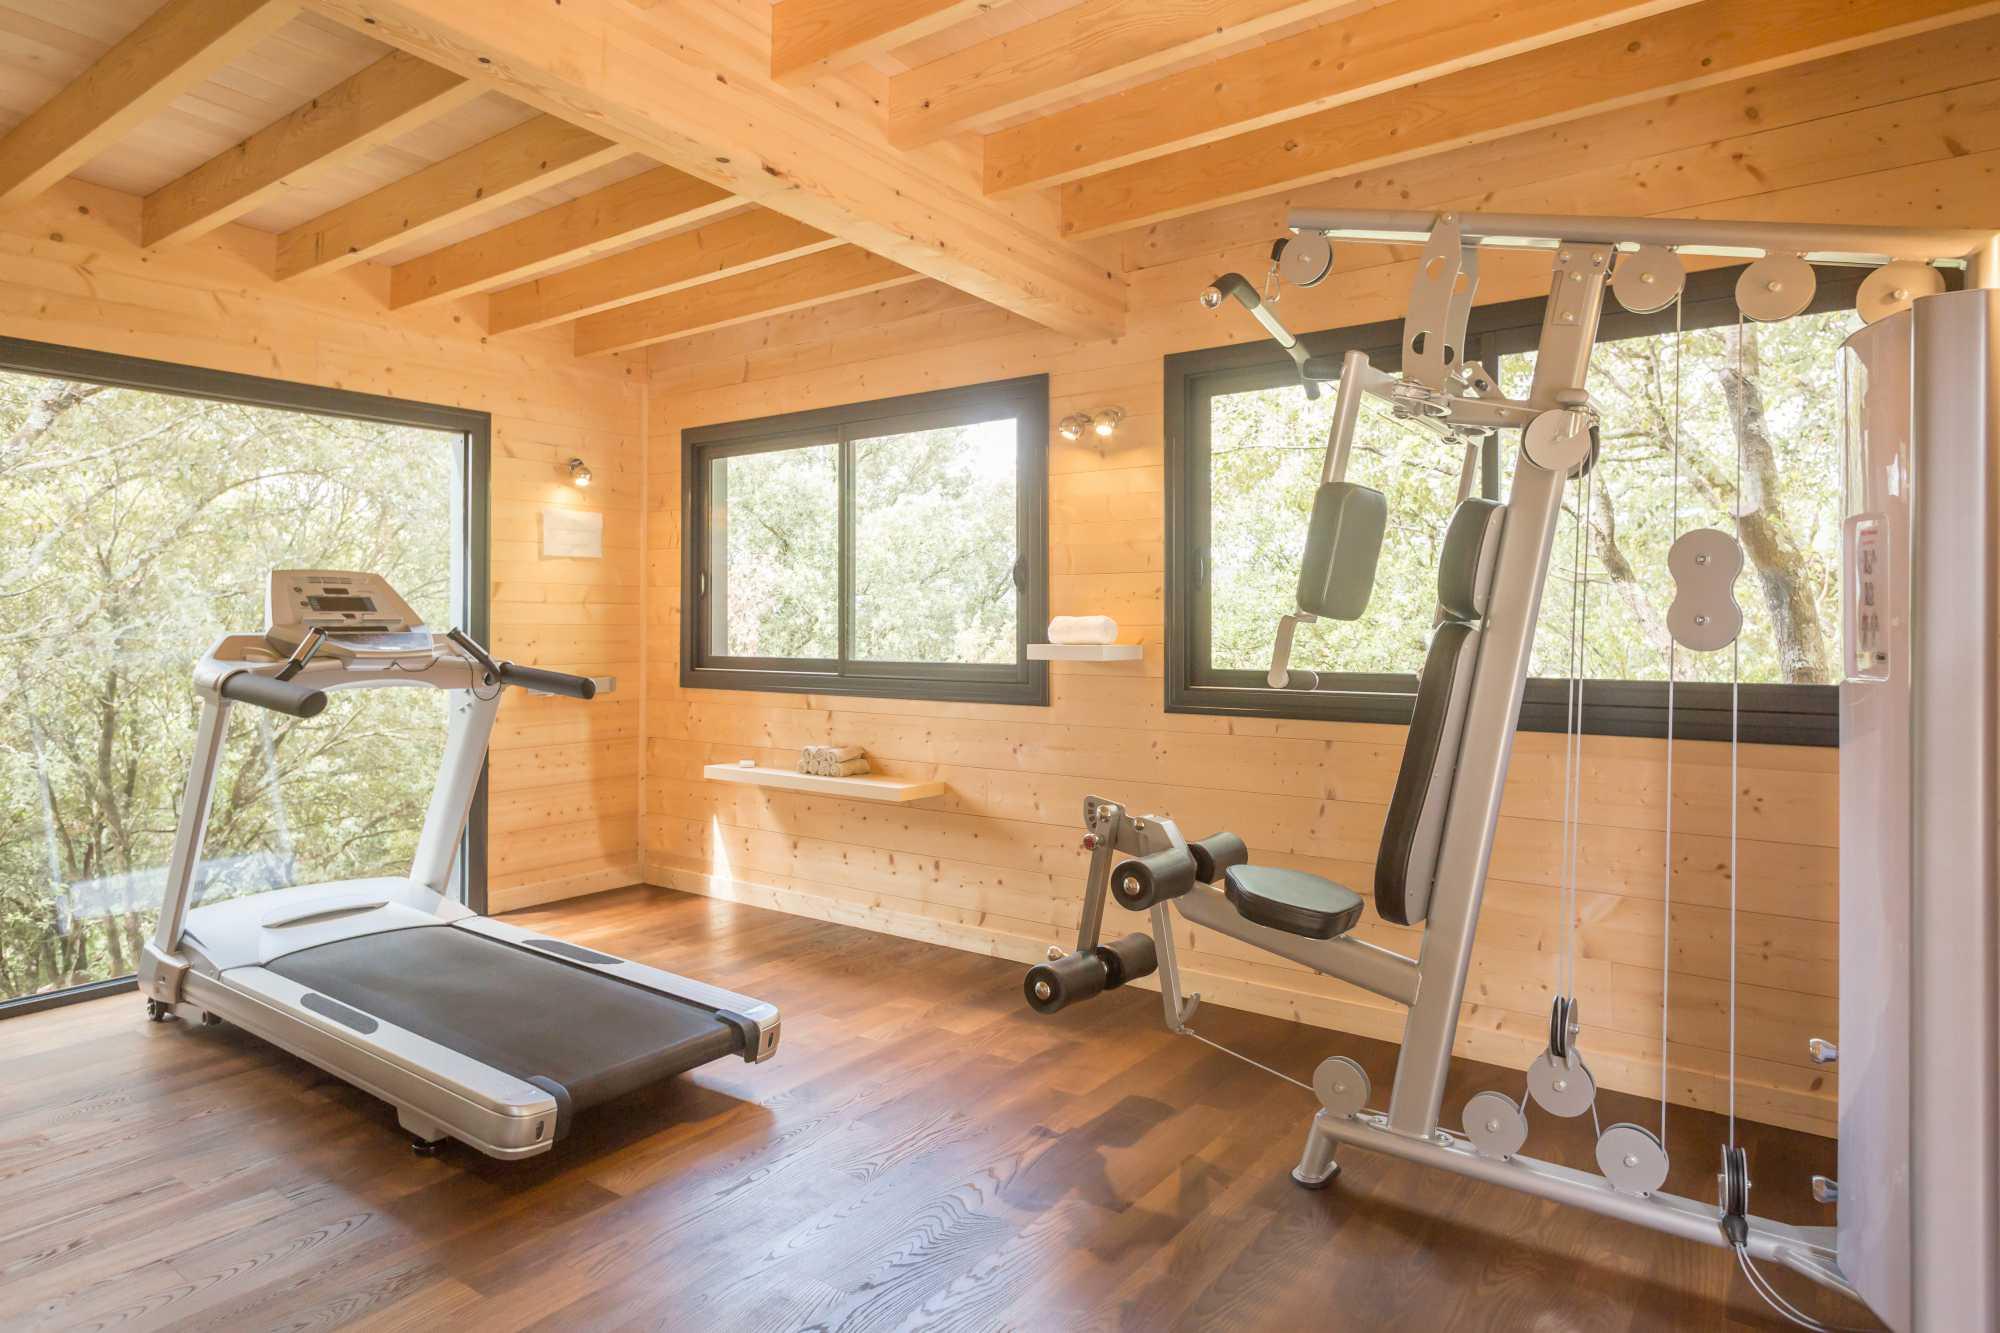 domaine sévenier espace bien etre spa salle de fitness 1 - Bien être (Spa Ardèche)